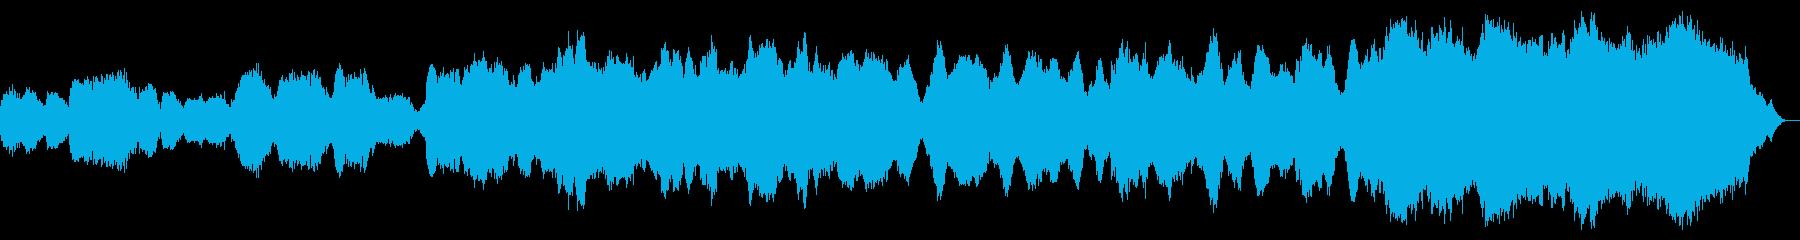 美しく響き渡るソプラノオペラの再生済みの波形